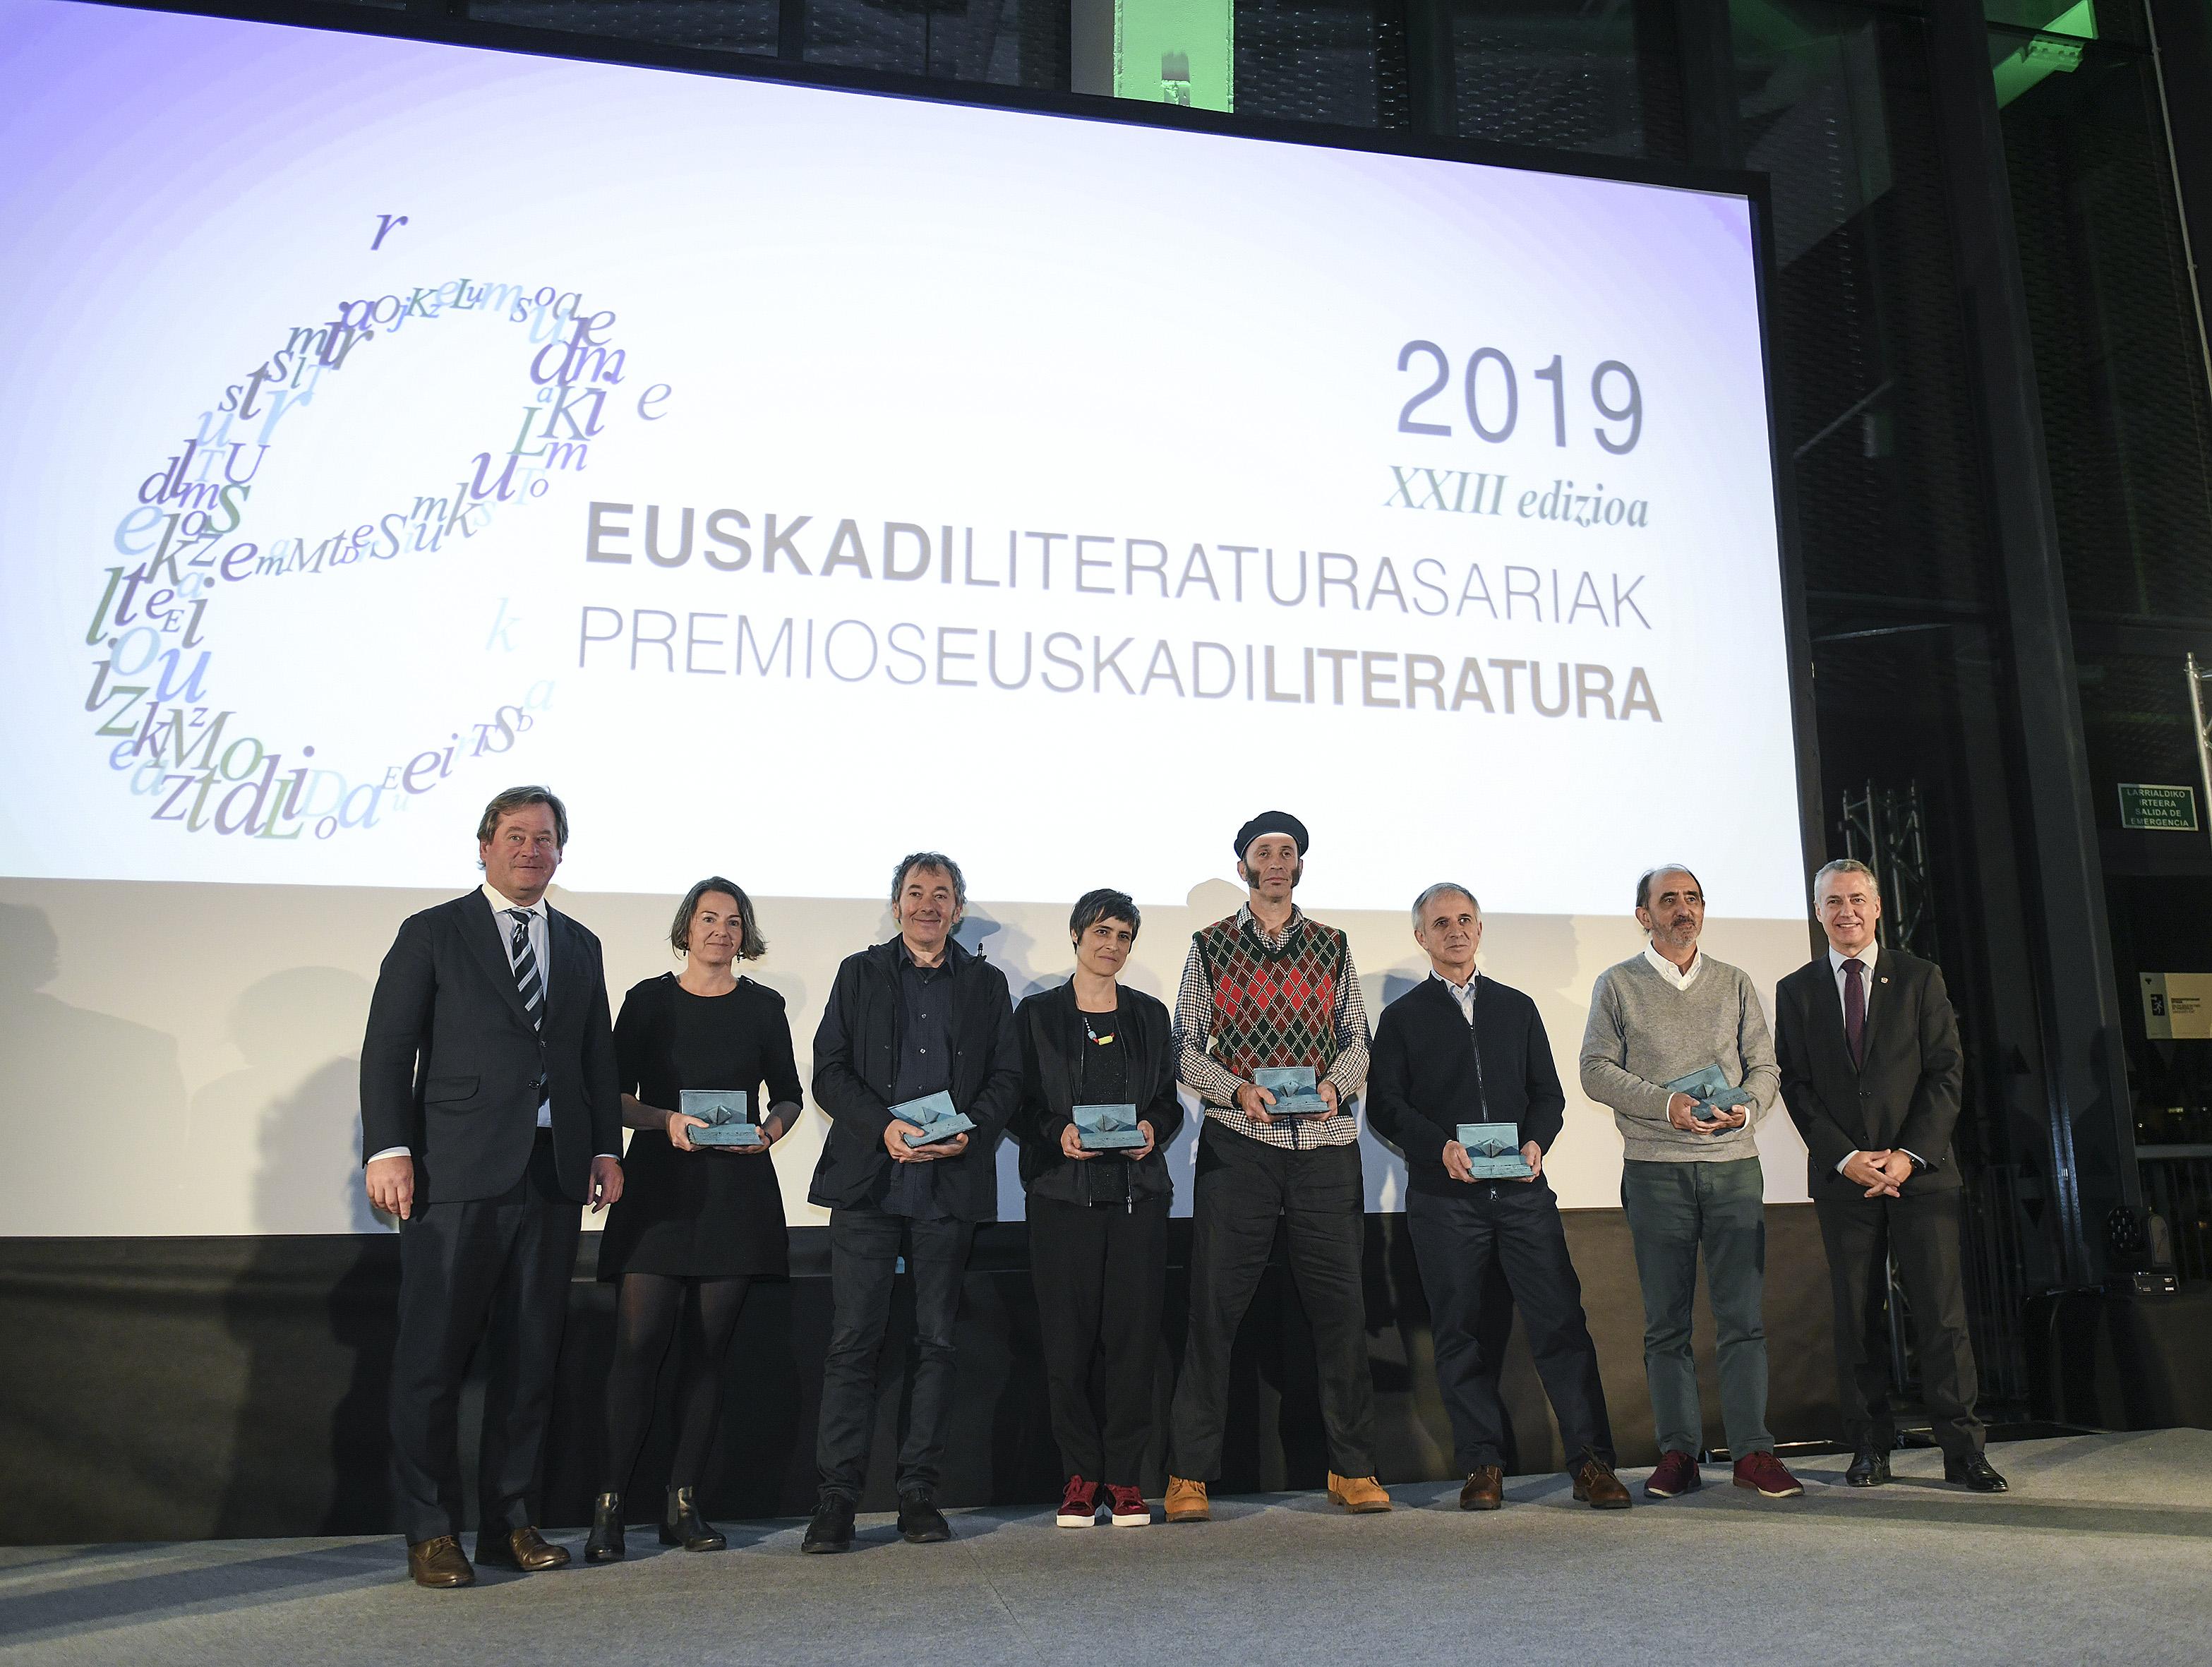 El Lehendakari Iñigo Urkullu ha entregado hoy en Tabakalera los Premios Euskadi de Literatura y ha reivindicado la importancia de la literatura y la lectura